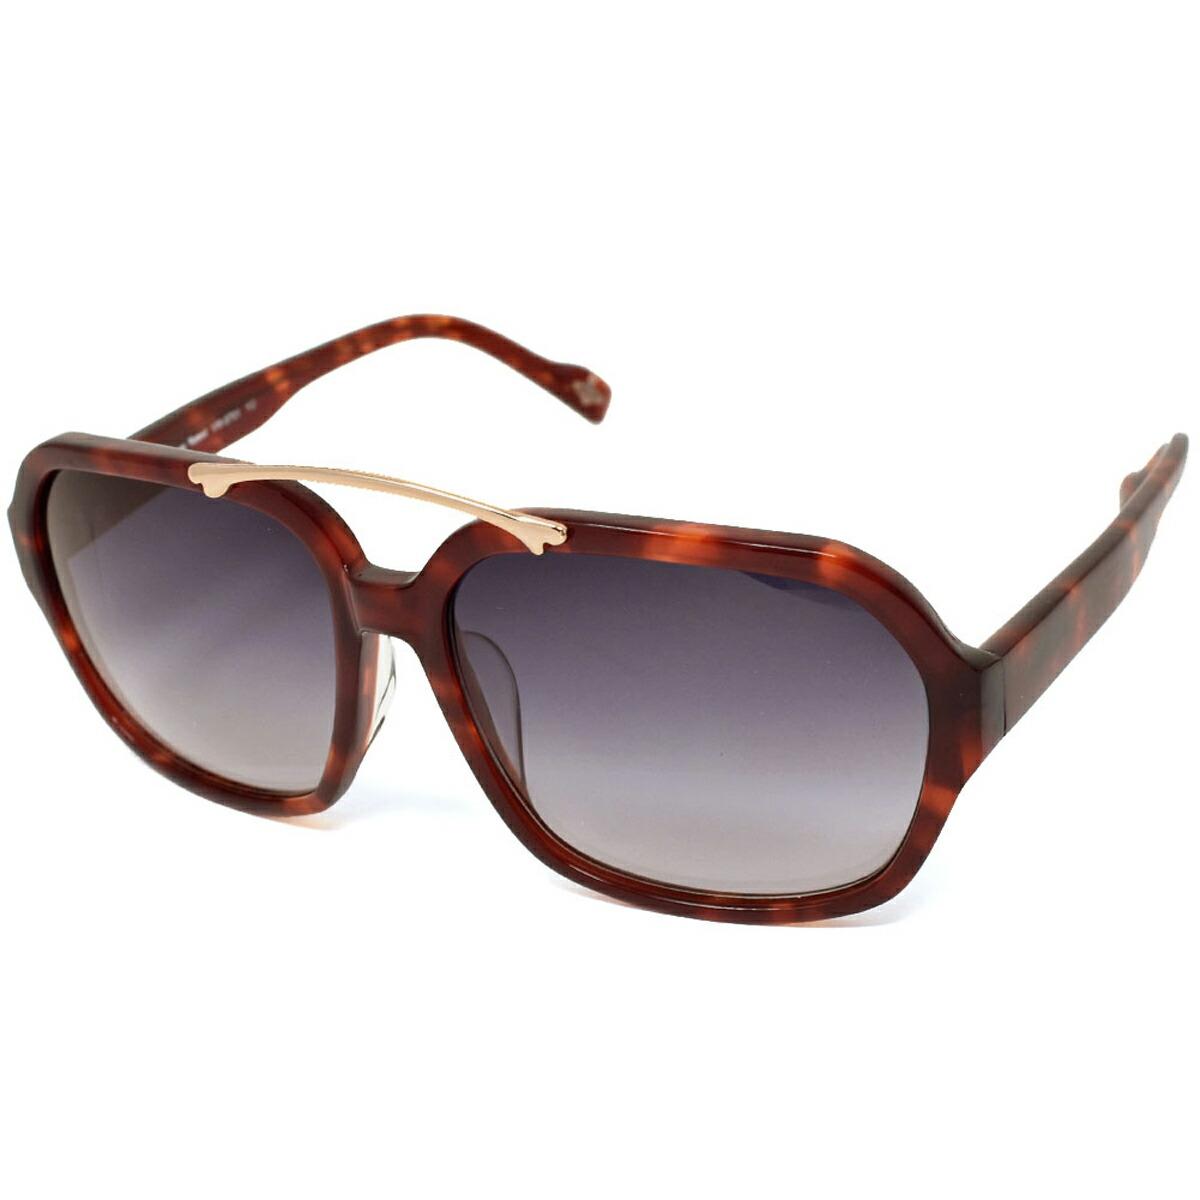 ヴィヴィアンウエストウッド Vivienne Westwood 9701 YD サングラス アジアンフィット メンズ レディース ブラウン系